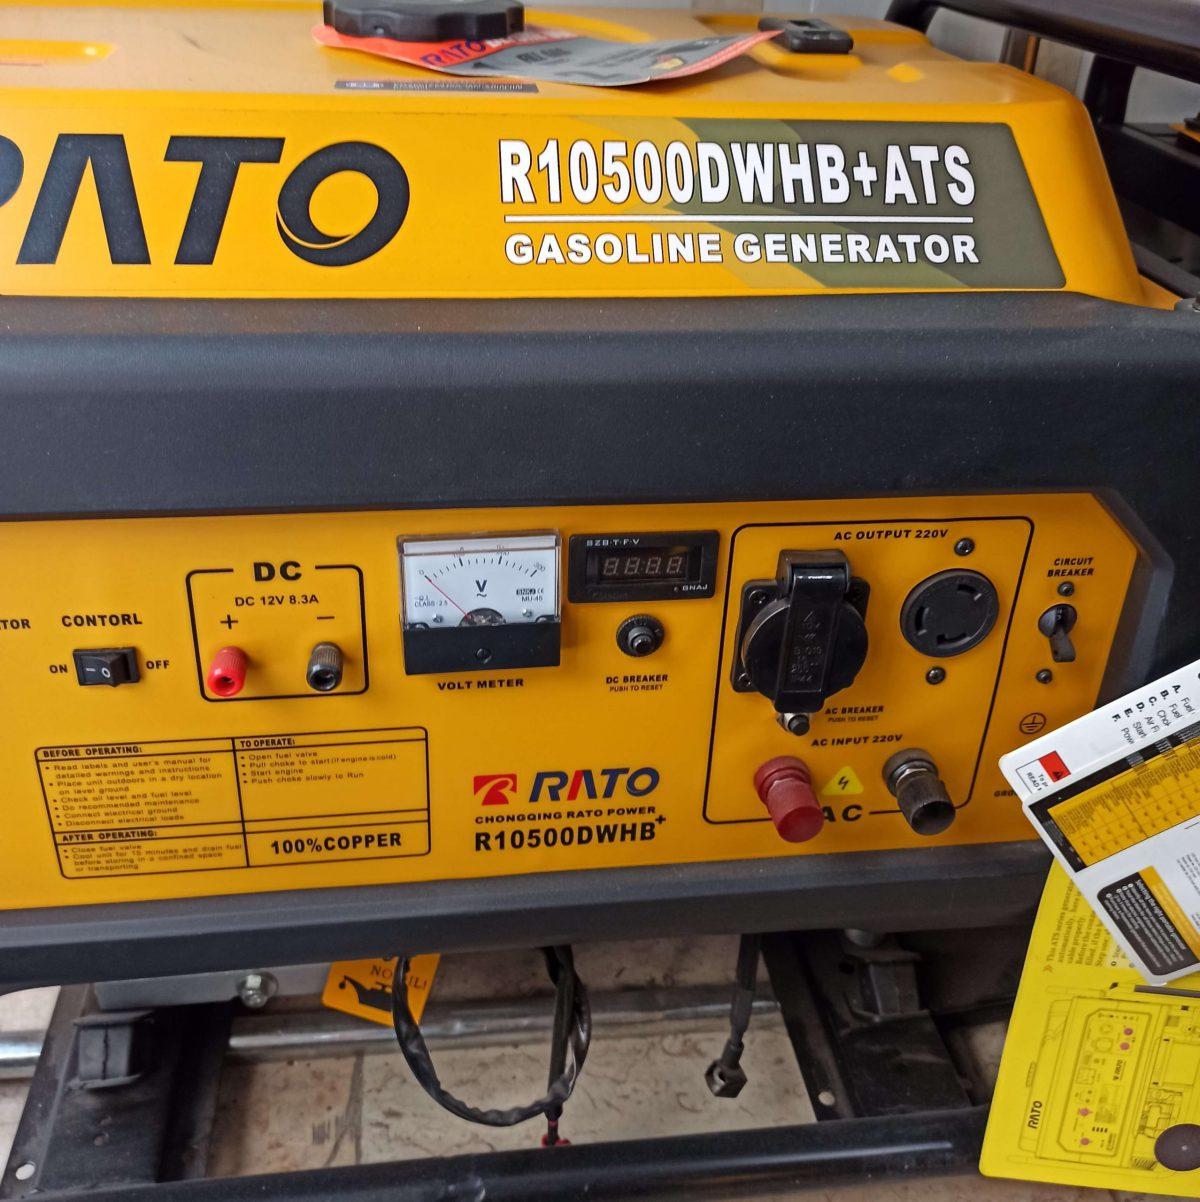 موتور برق راتو 10500 اتوماتیک   7.5 کیلووات   بنزینی   RATO R10500DWHB+